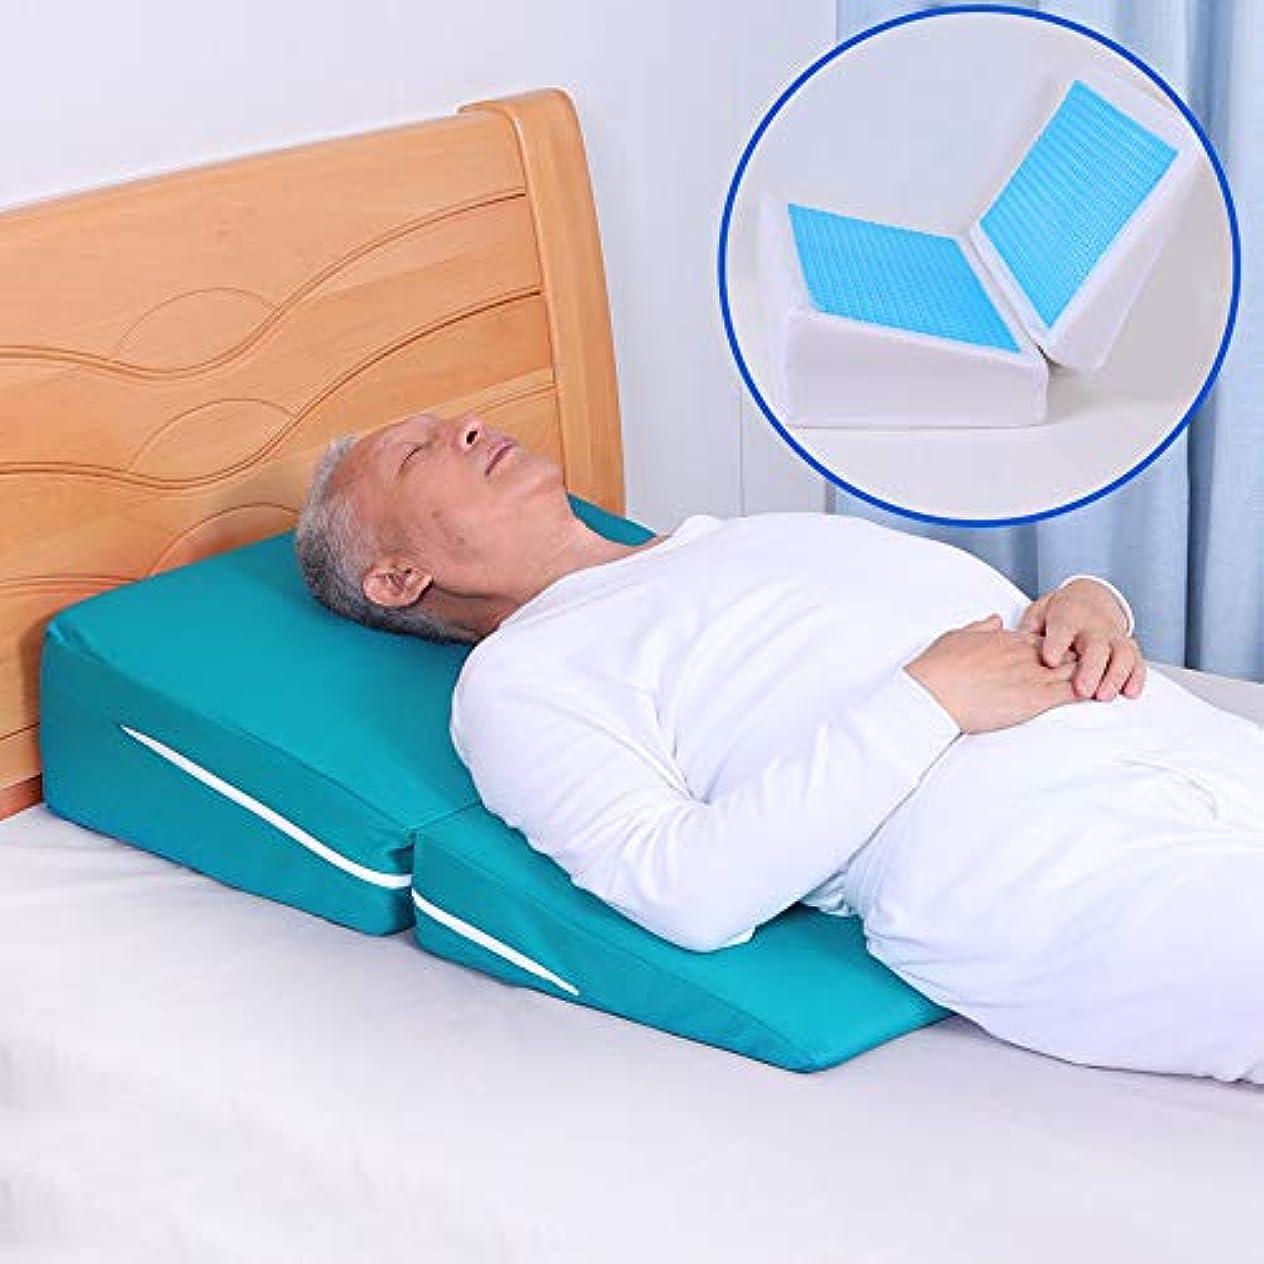 細部ロードブロッキング人里離れたいびき防止、ハートバーン、読書、腰痛、腰痛のための折りたたみ式メモリフォームベッドウェッジピロー-取り外し可能なカバー付きインクラインクッション